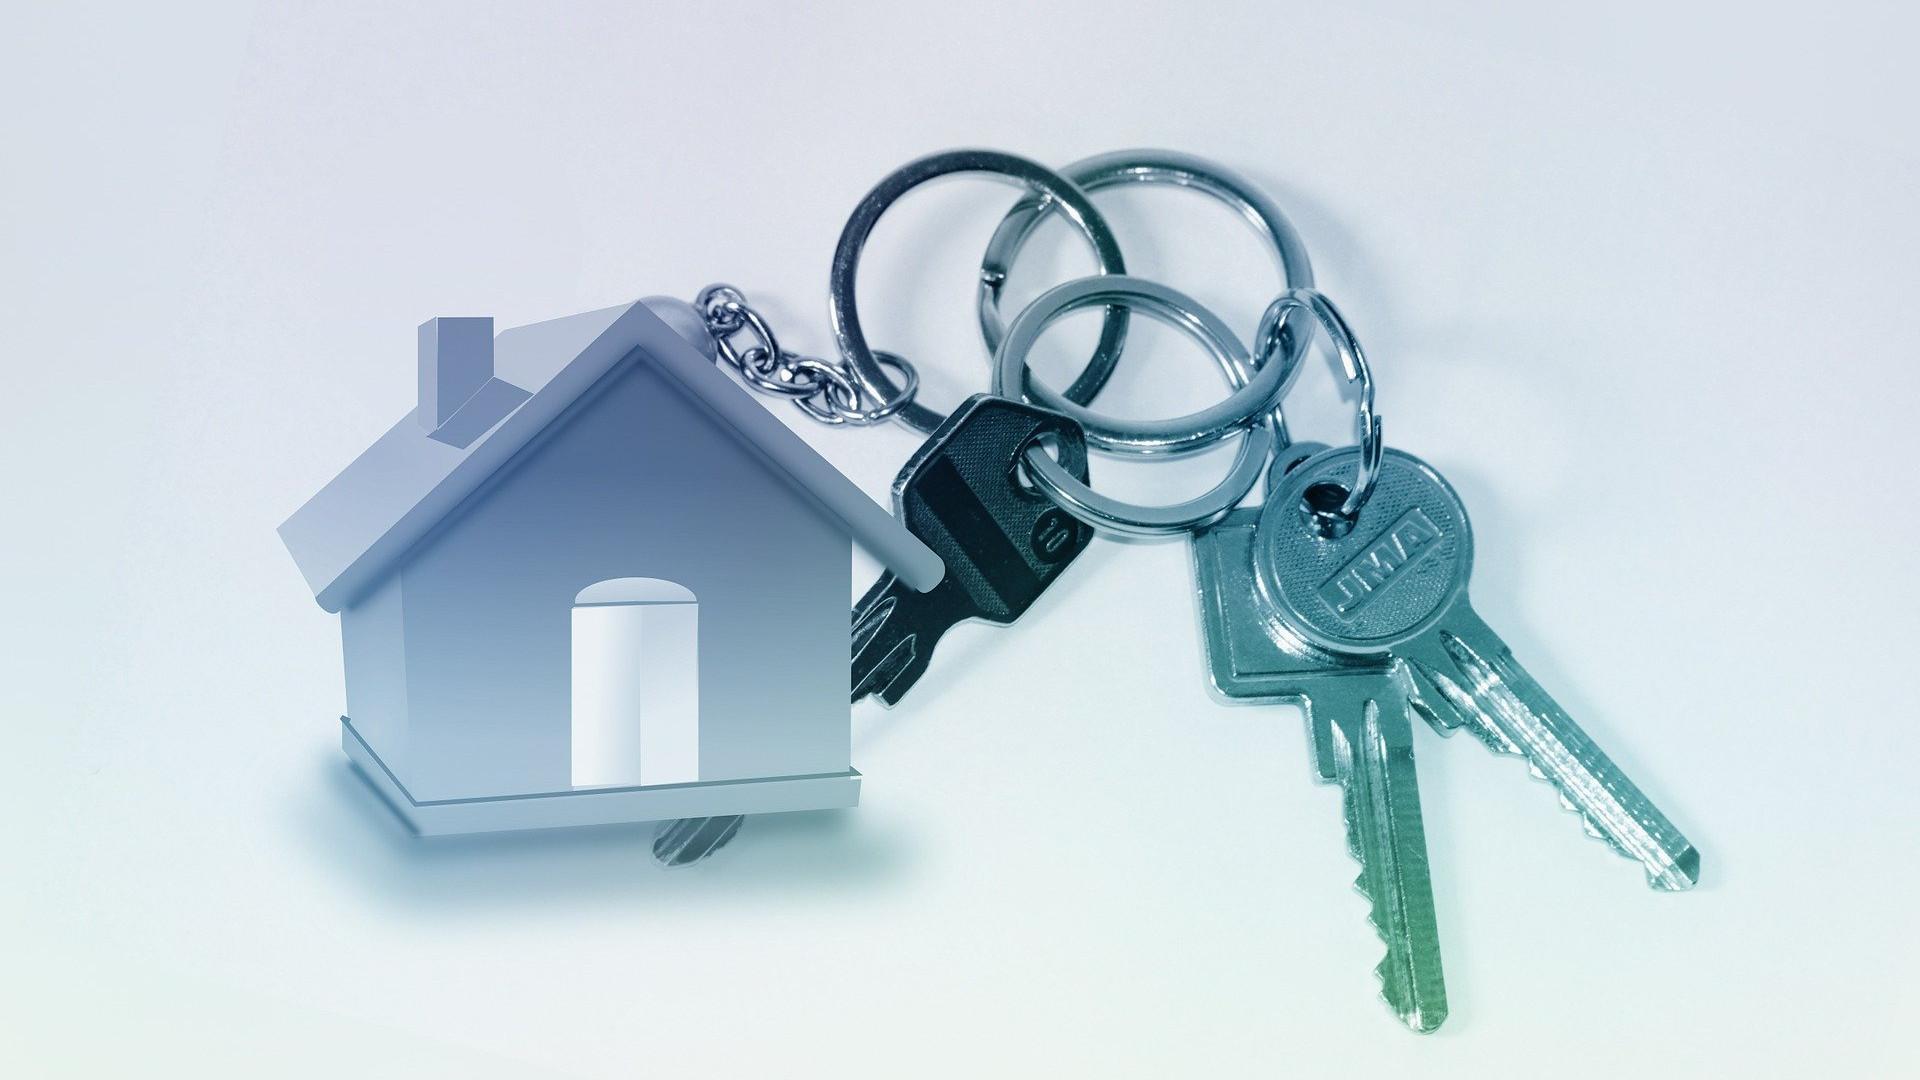 Порядка 14 тыс. обманутых дольщиков могут получить ключи от квартир в Подмосковье в 2021 году